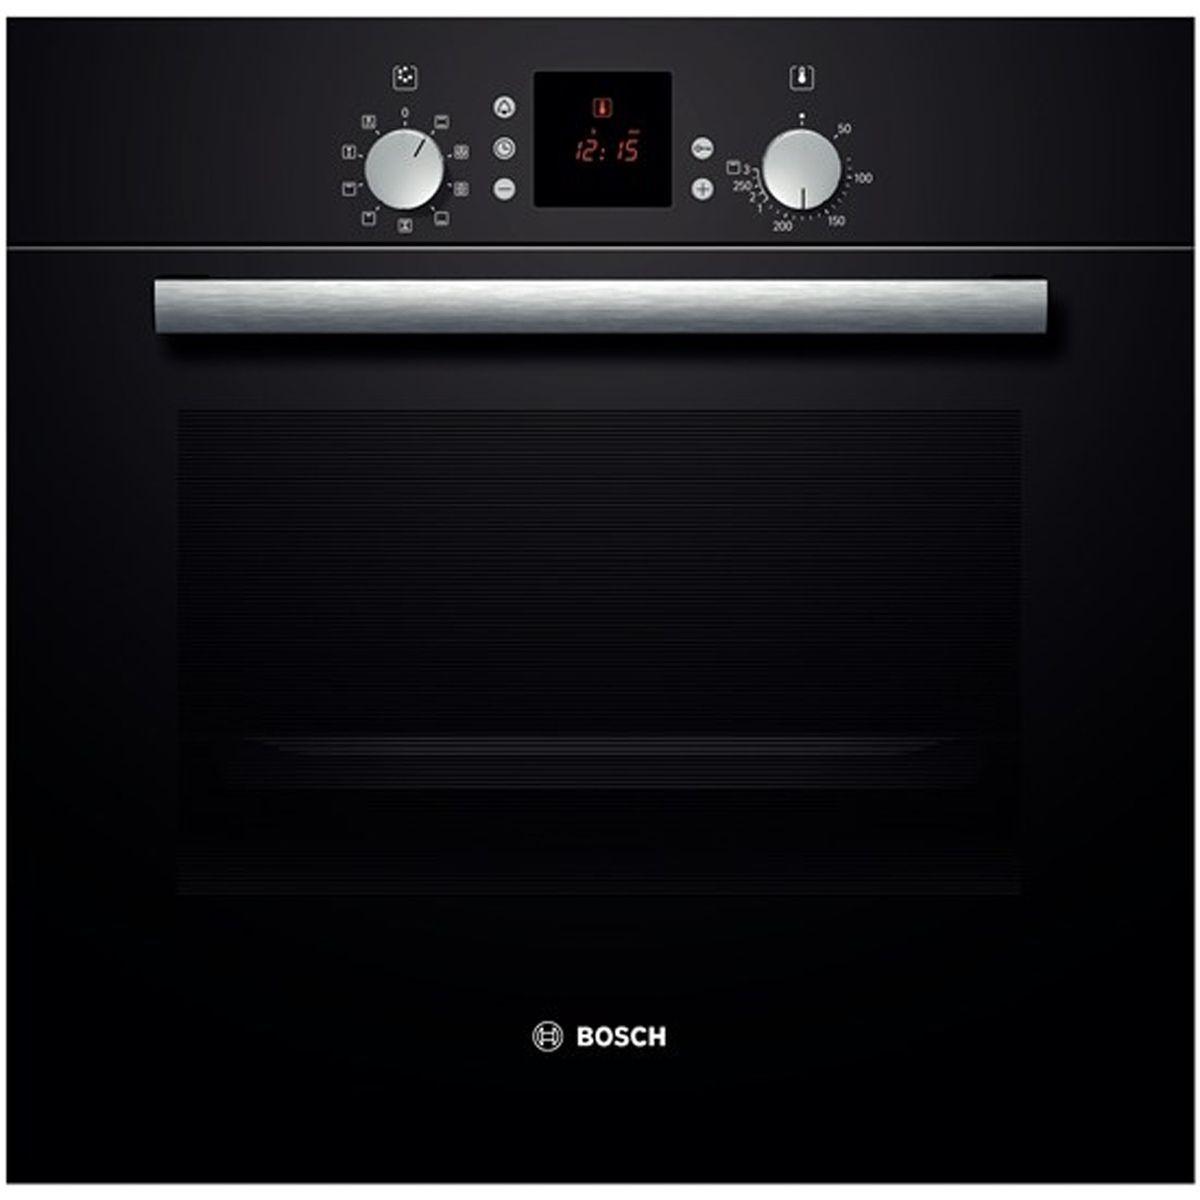 Bosch Hbn539s5 Pentru Că îți Place Să Gătești Gadget Review Ro Multifunction Ovens Bosch Single Oven